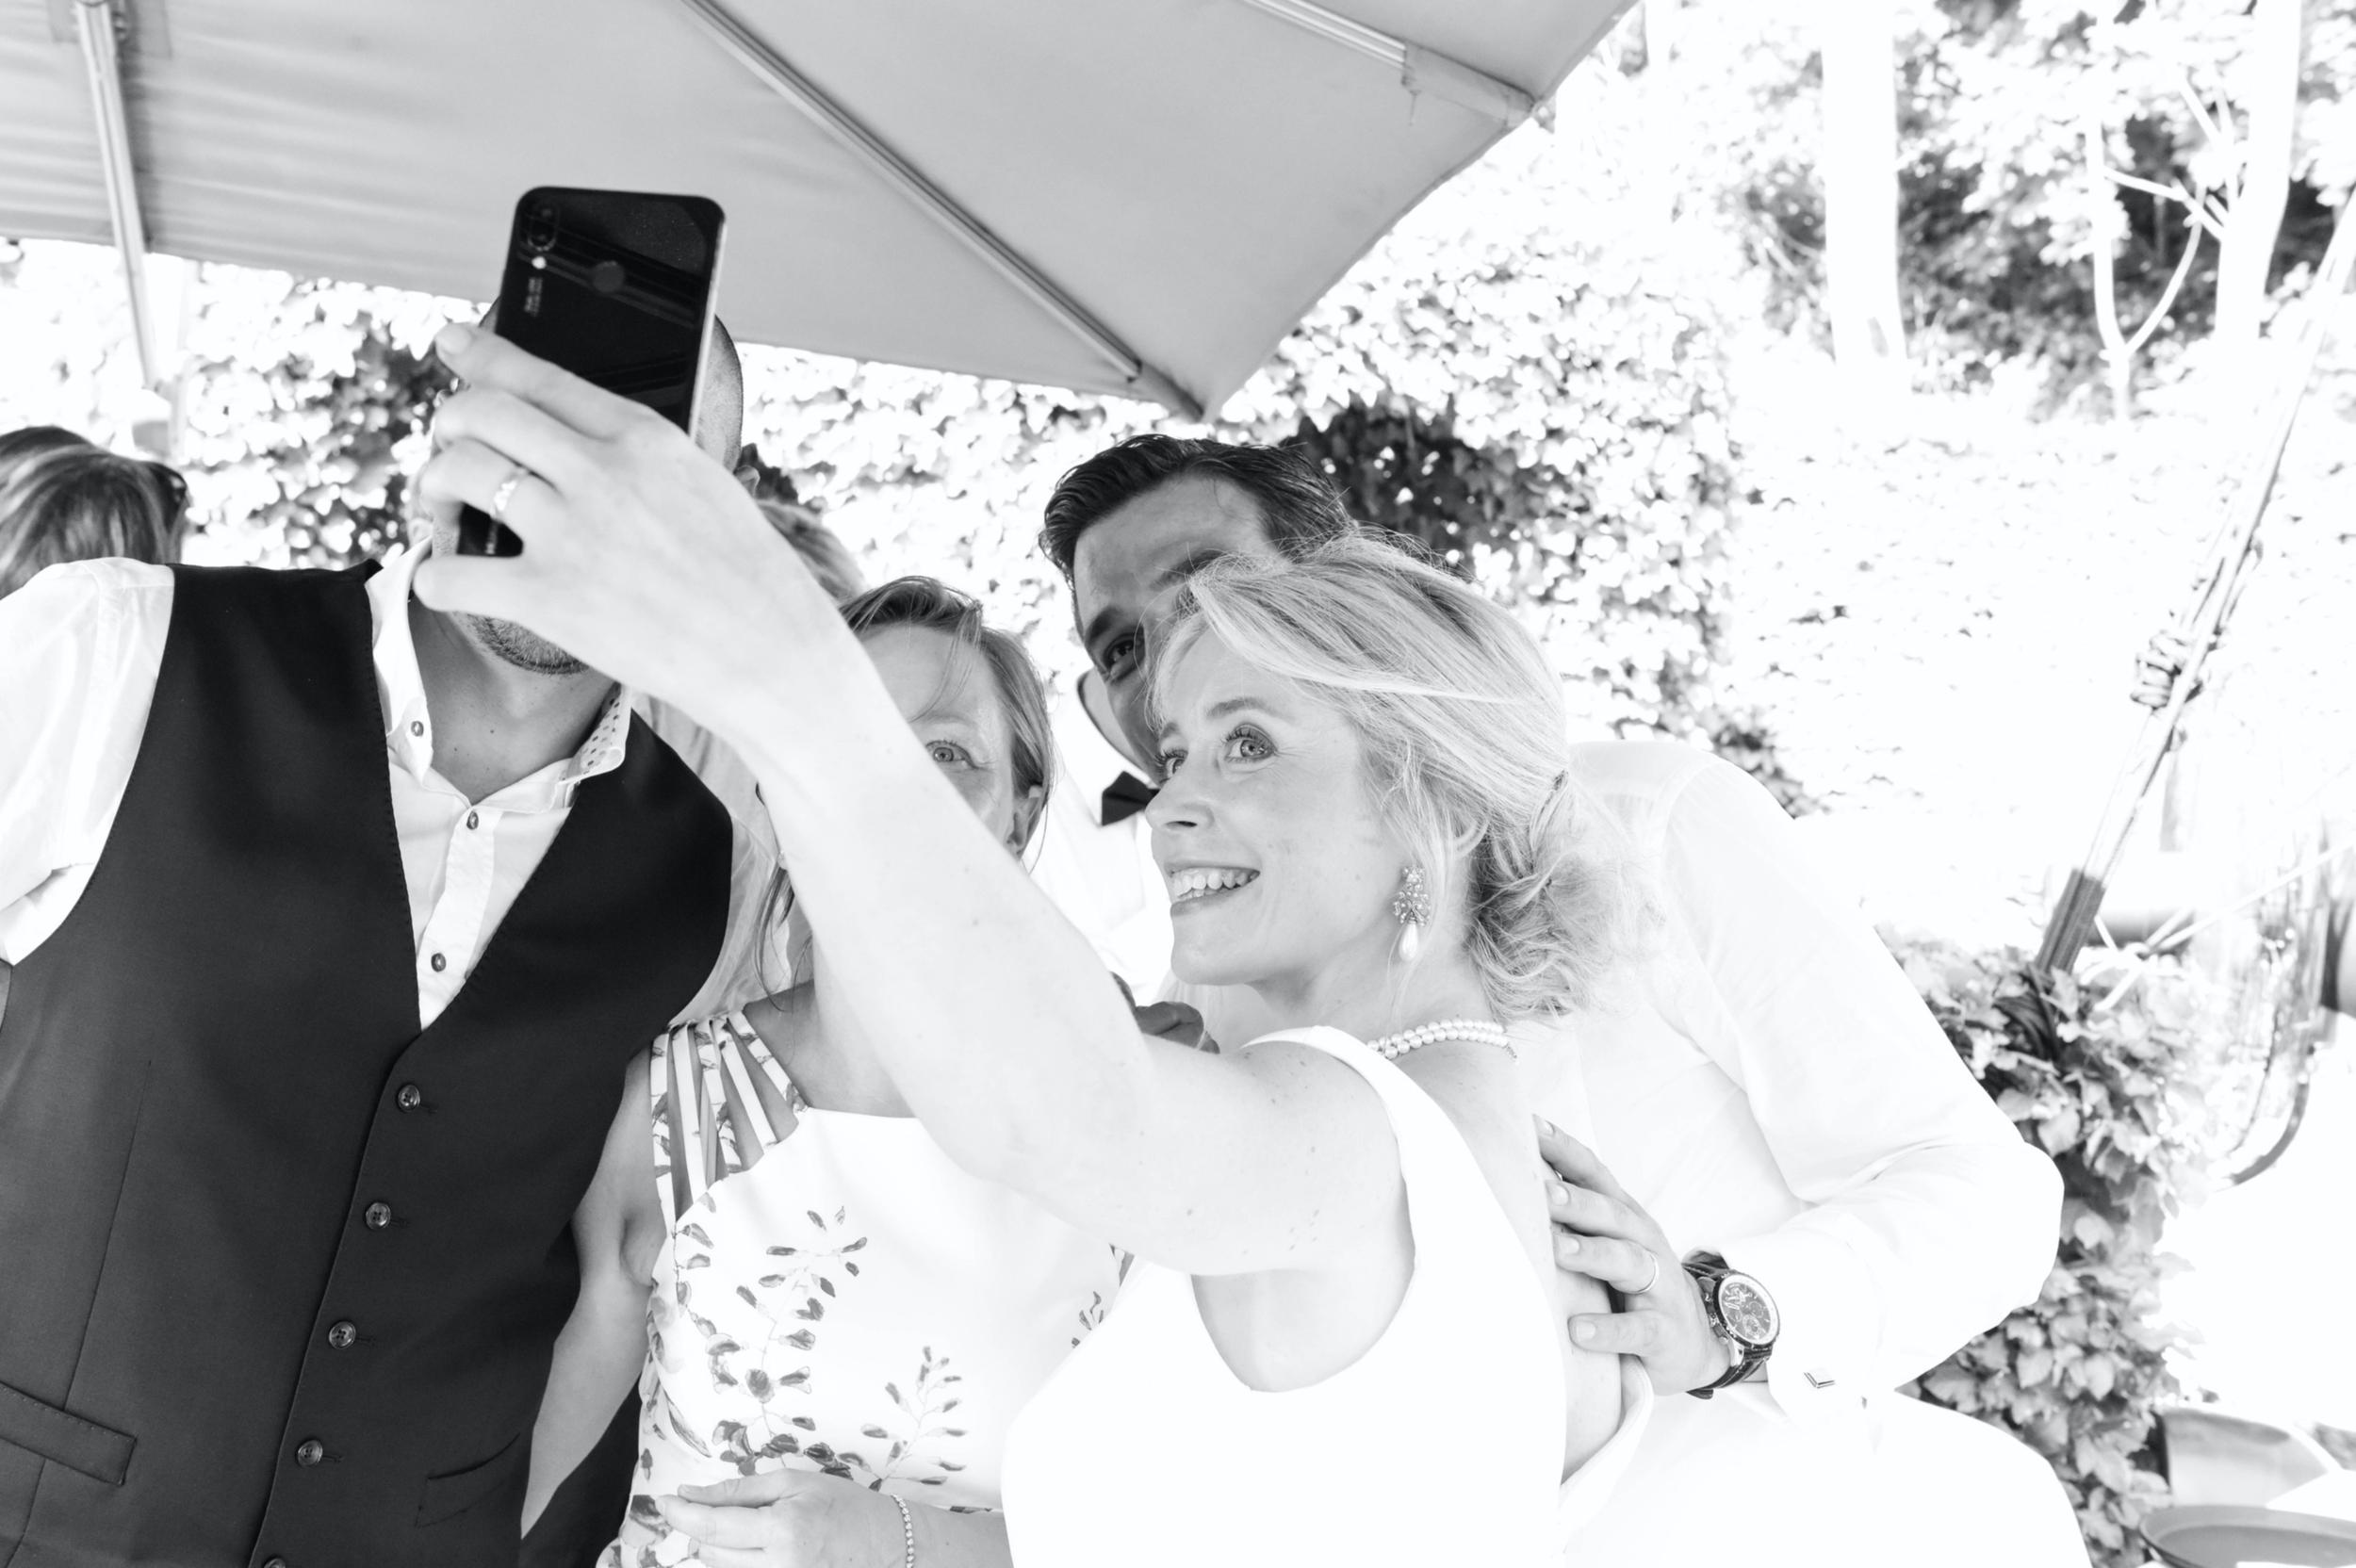 bart albrecht huwelijksfotograaf trouwfotograaf trouwen huwelijk fotografie huwelijksfotografie beste wedding weddingphotographer trouwreportage bruidsfotografie bruidsfotograaf0010.png